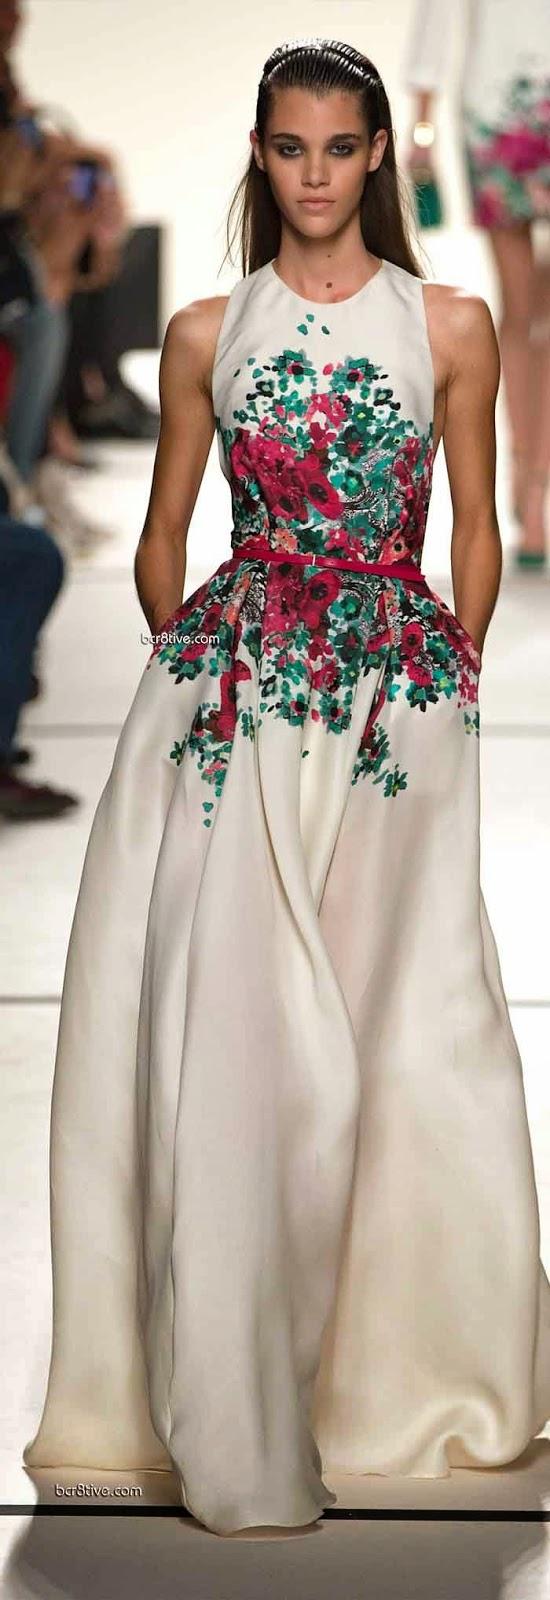 Vestido com estampa de flores bem no centro